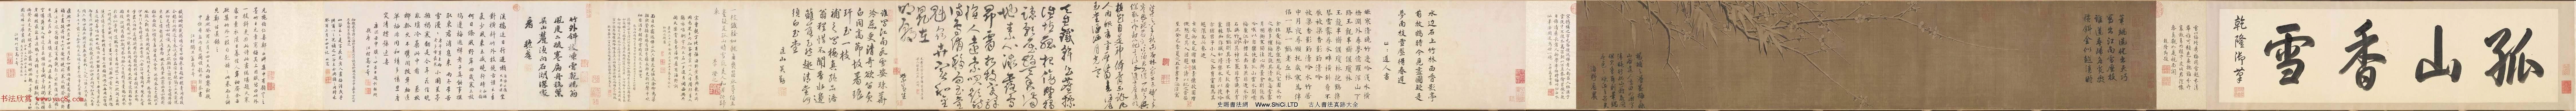 高士奇書法題跋楊無咎字帖《雪梅圖卷》北京故宮博物院藏(共8張圖片)